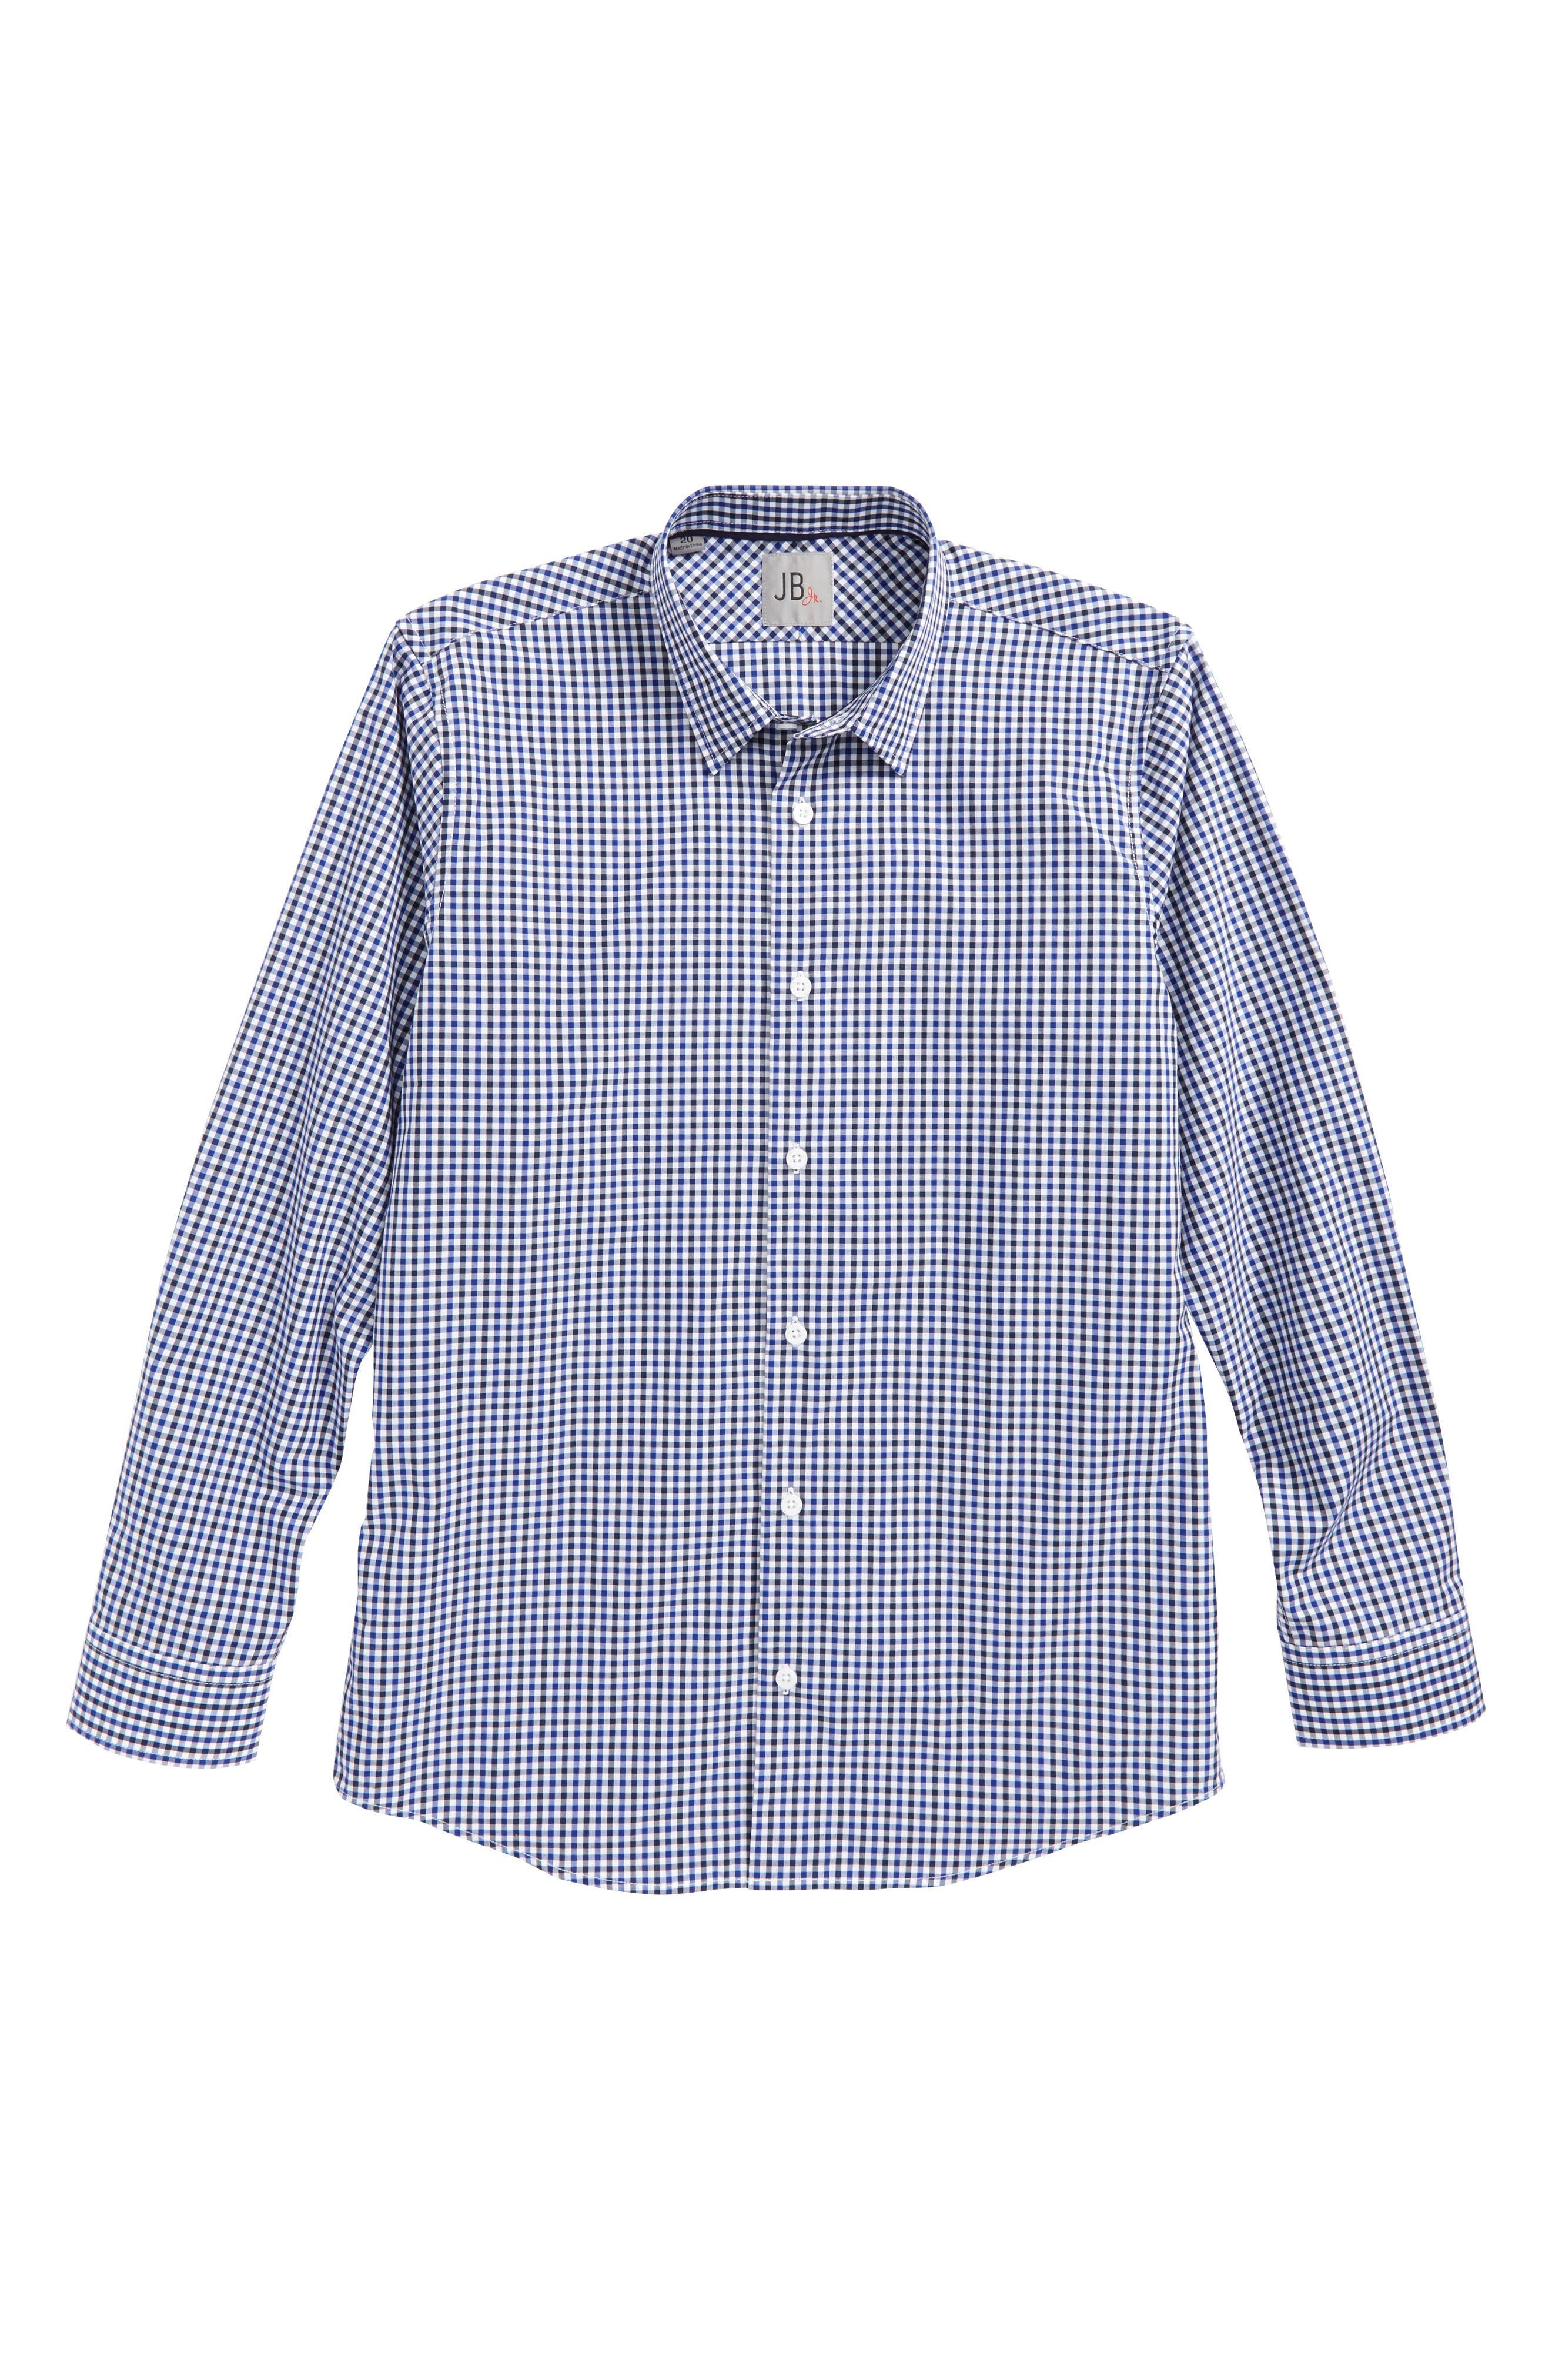 Neat Check Dress Shirt,                             Main thumbnail 1, color,